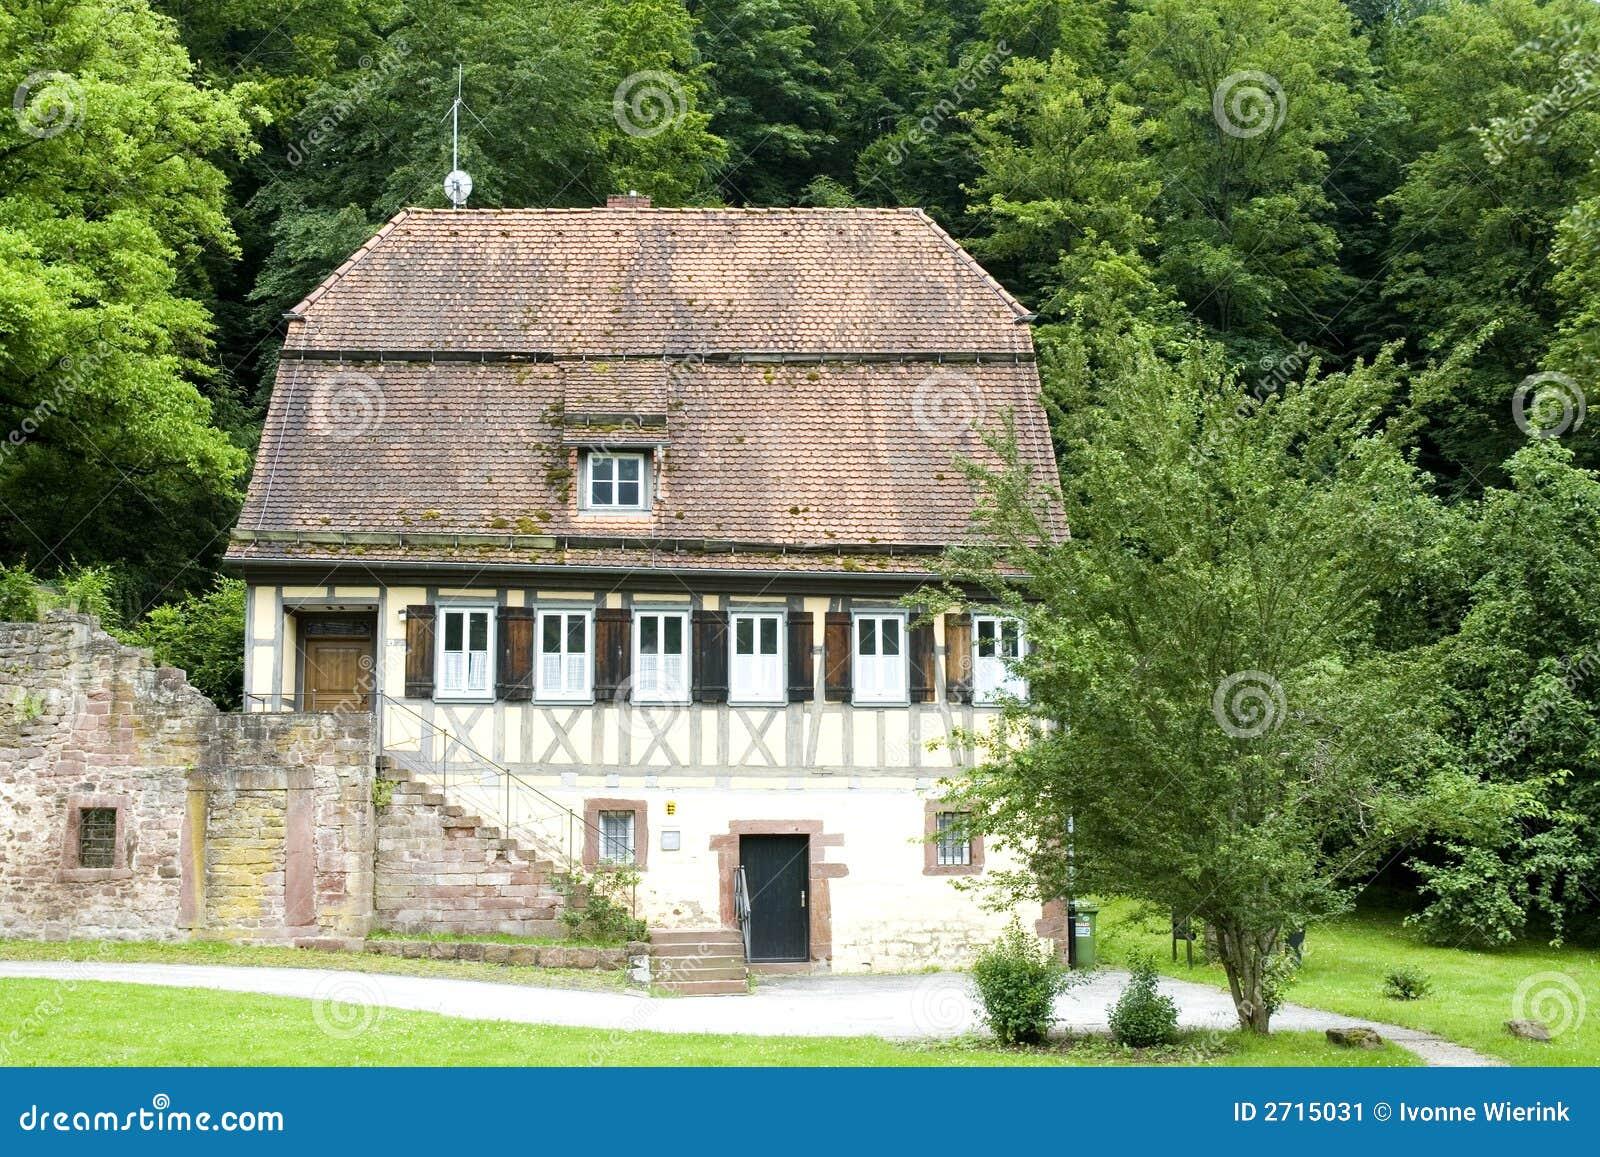 casa tedesca tipica immagine stock immagine 2715031